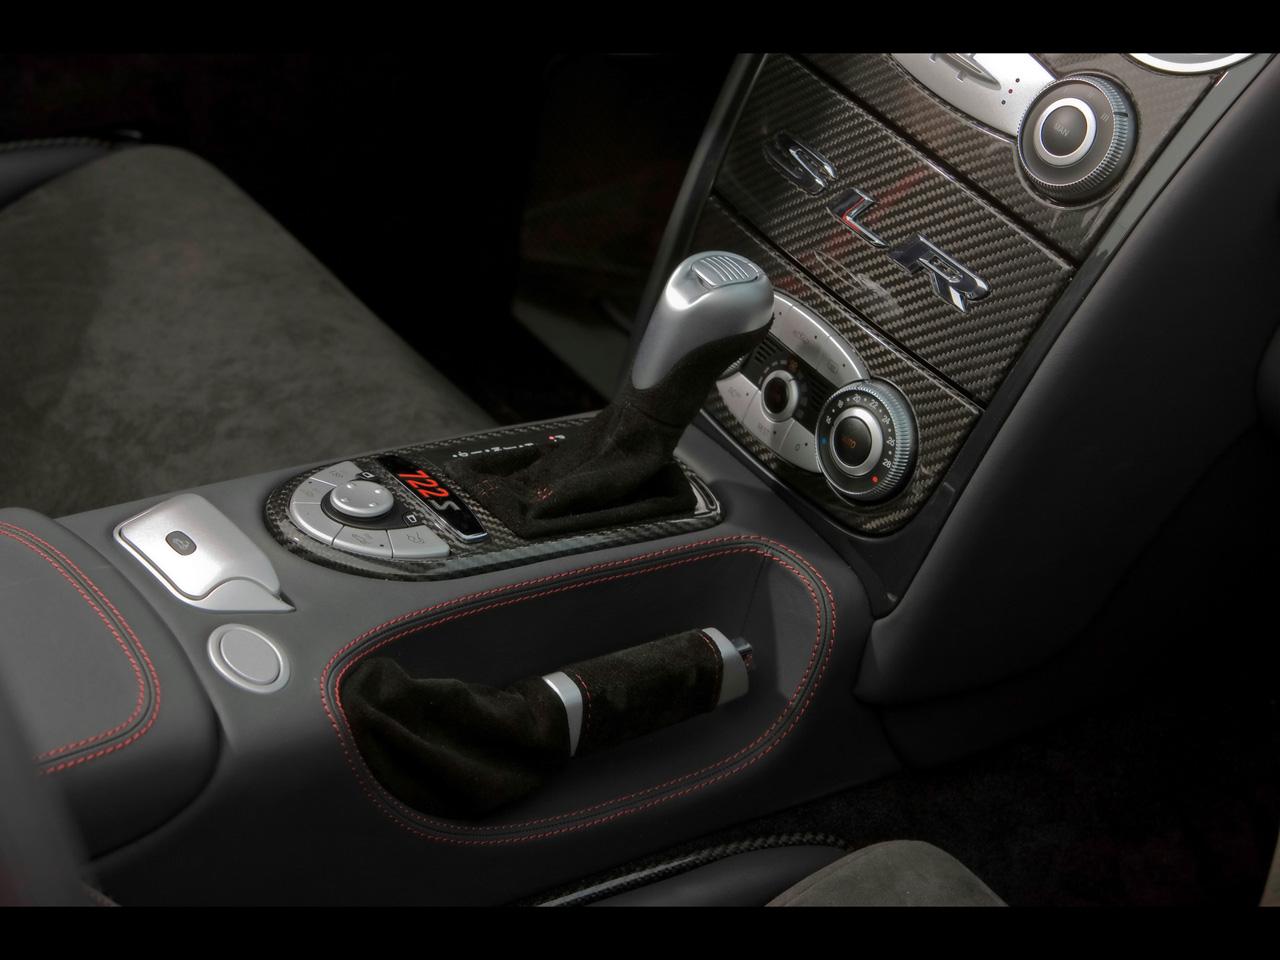 2009-Mercedes-Benz-SLR-McLaren-Roadster-722-S-Console-1280x960.jpg